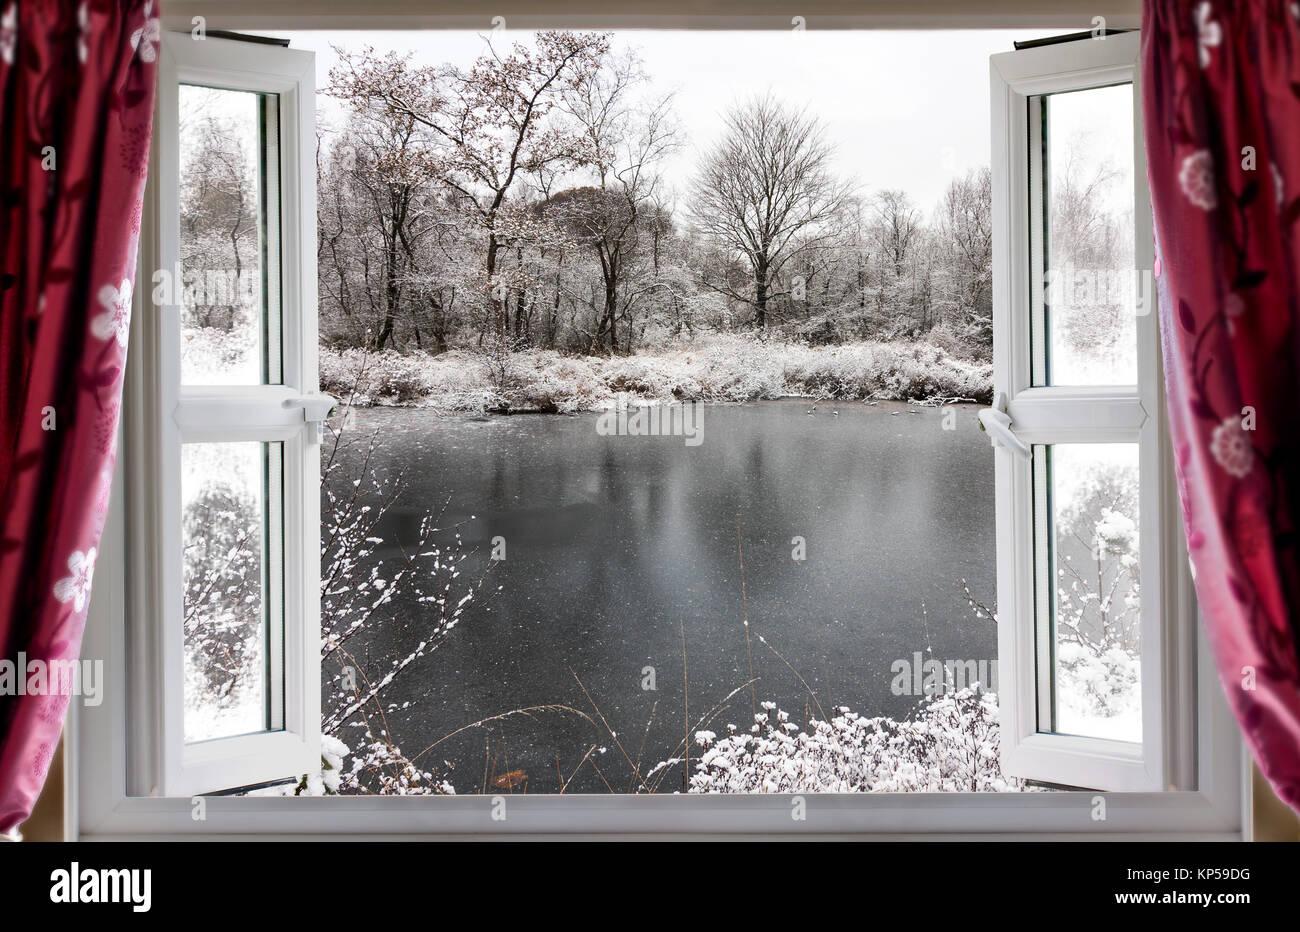 blick durch die offenen fenster auf einen sch nen gefrorenen see winter schnee im l ndlichen. Black Bedroom Furniture Sets. Home Design Ideas